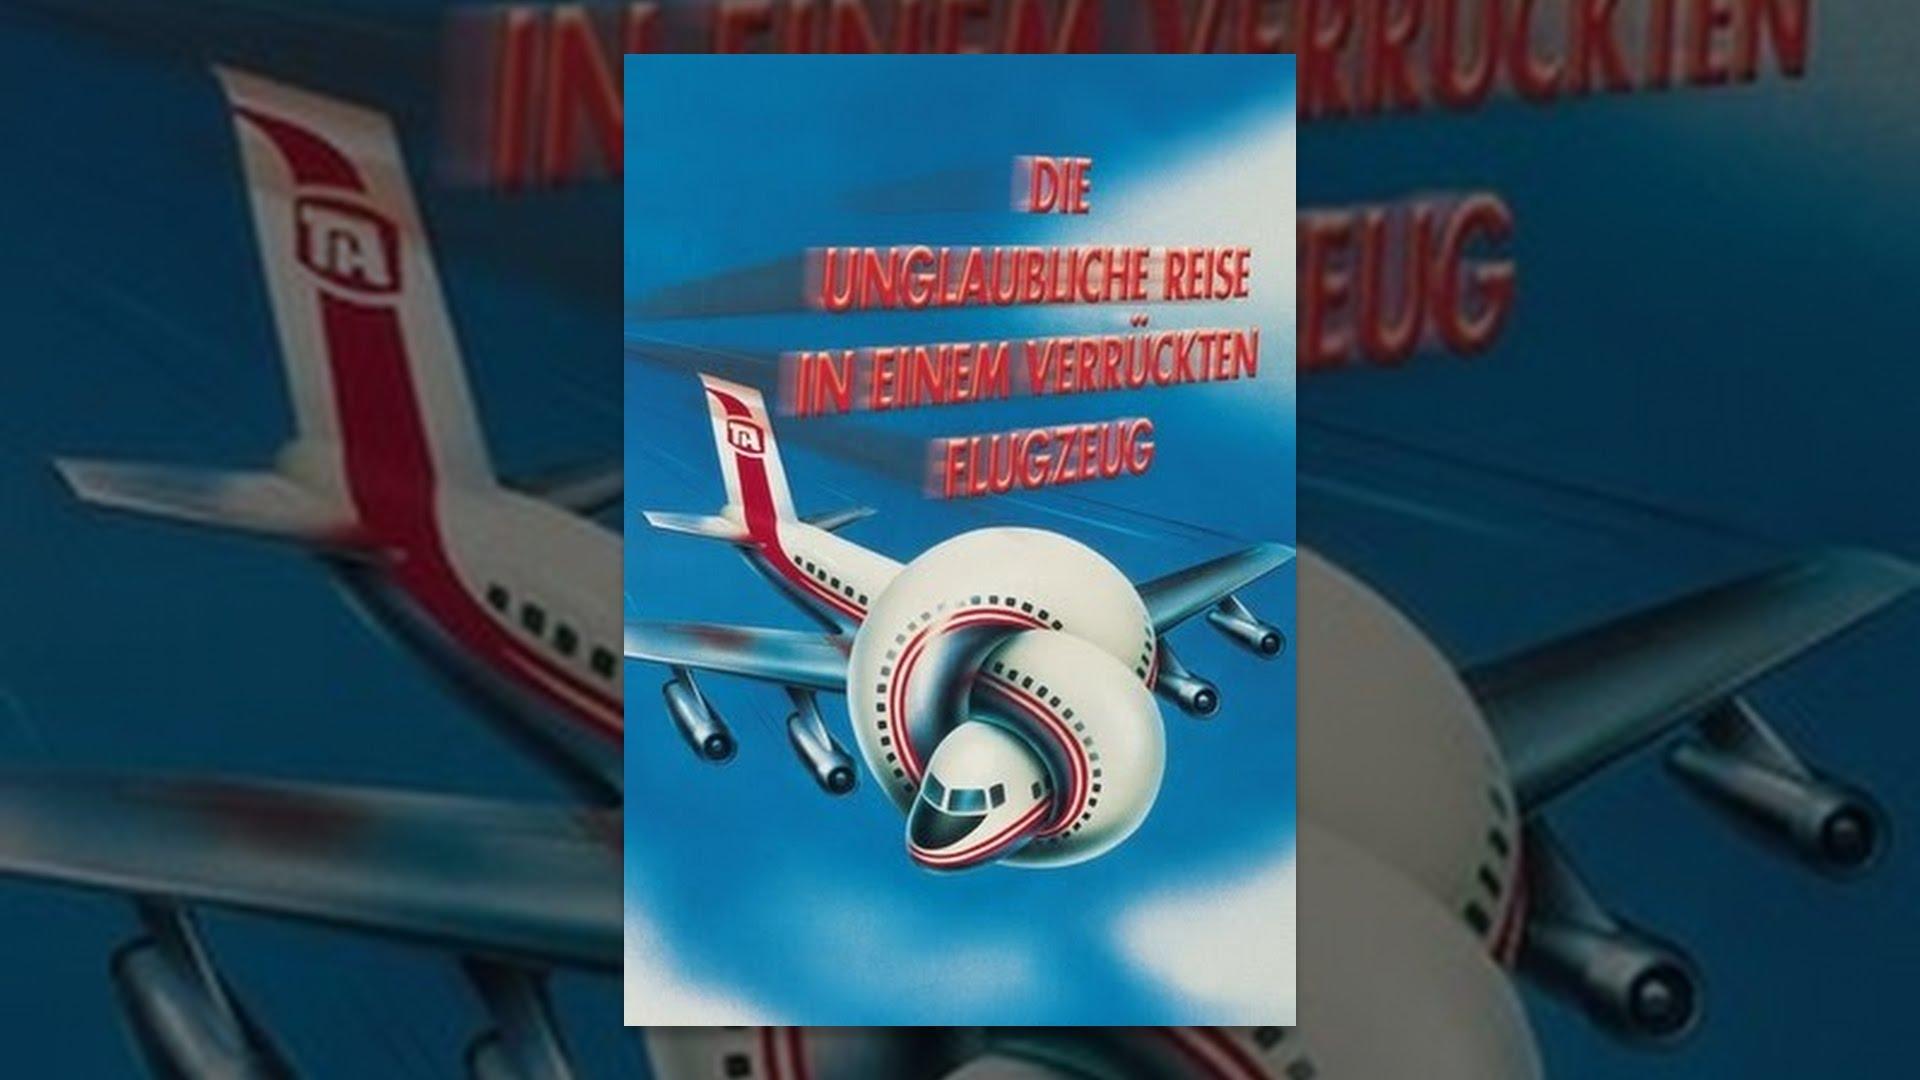 Die Unglaubliche Reise In Einem Verrückten Flugzeug Ganzer Film